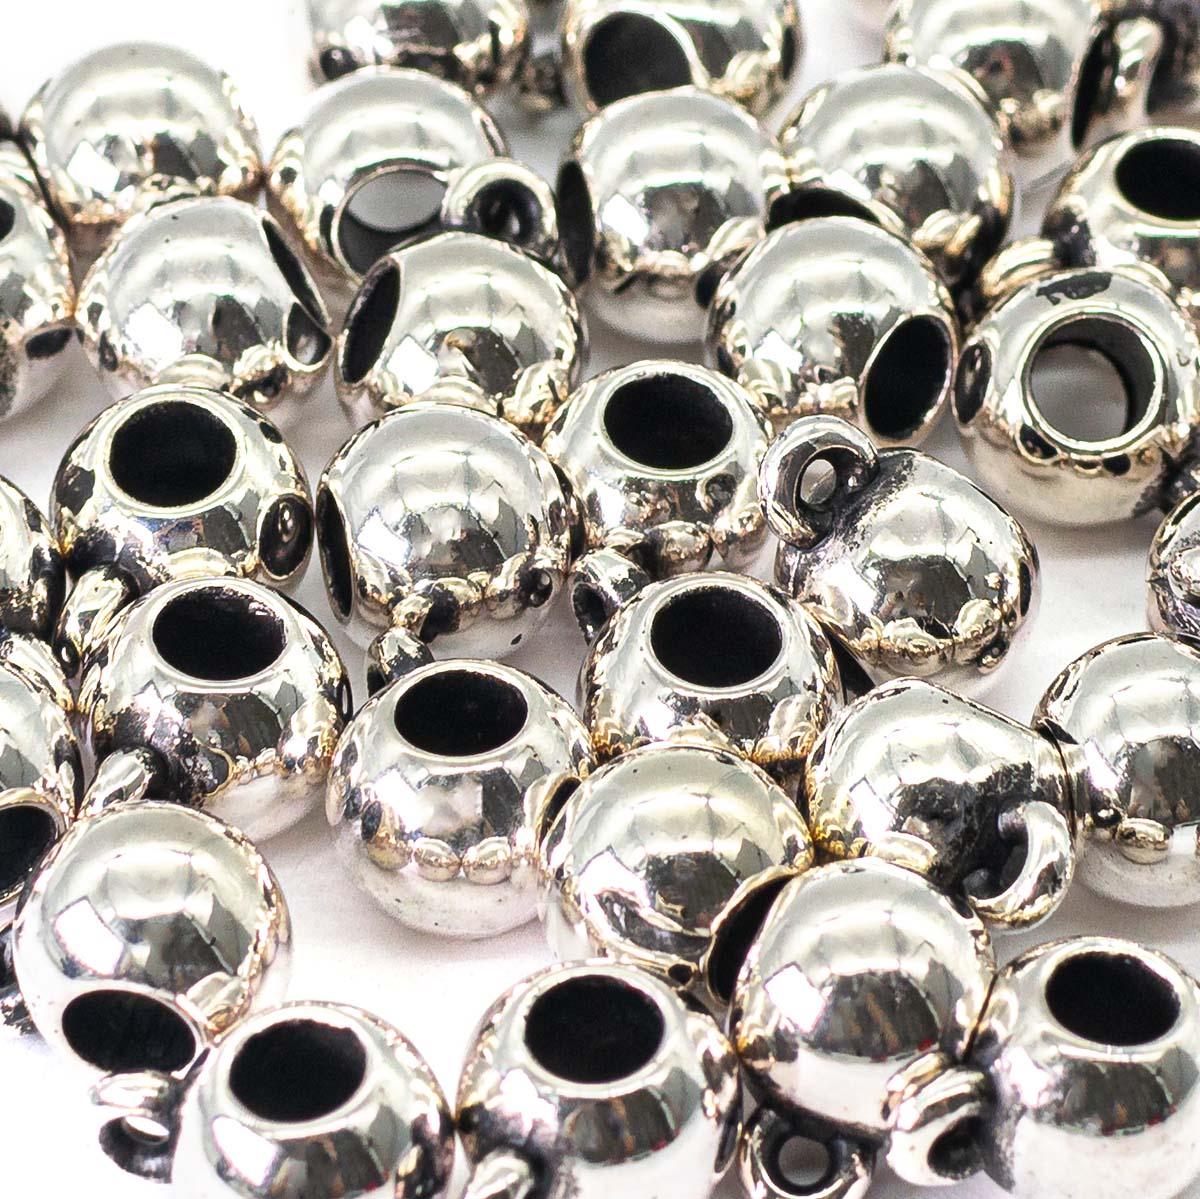 3267 Бусины под металл, 10*5 мм, упак./50 шт., 'Астра'